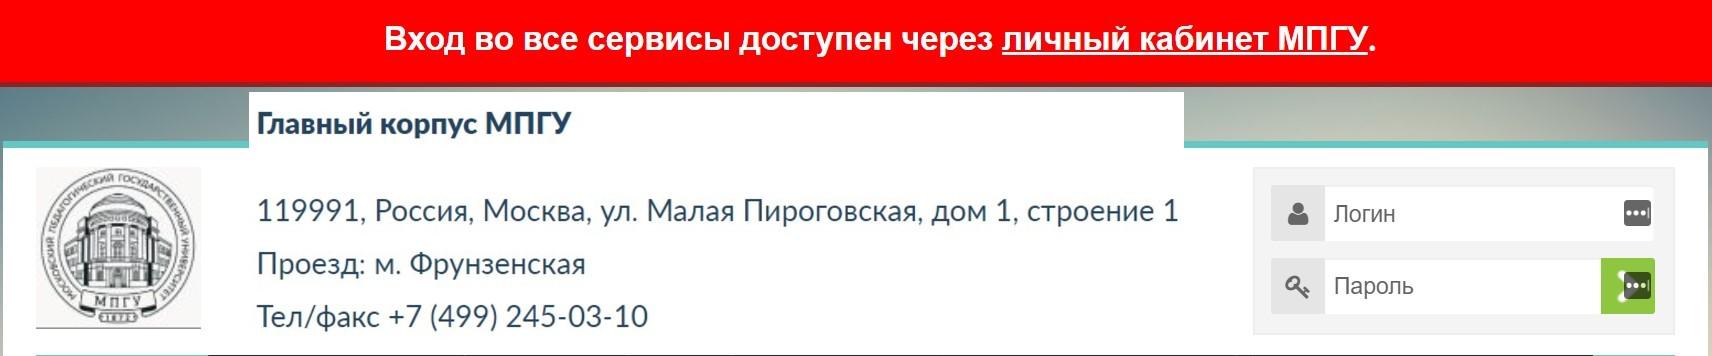 """Ссылки на электронную систему обучения """"МПГУ"""""""